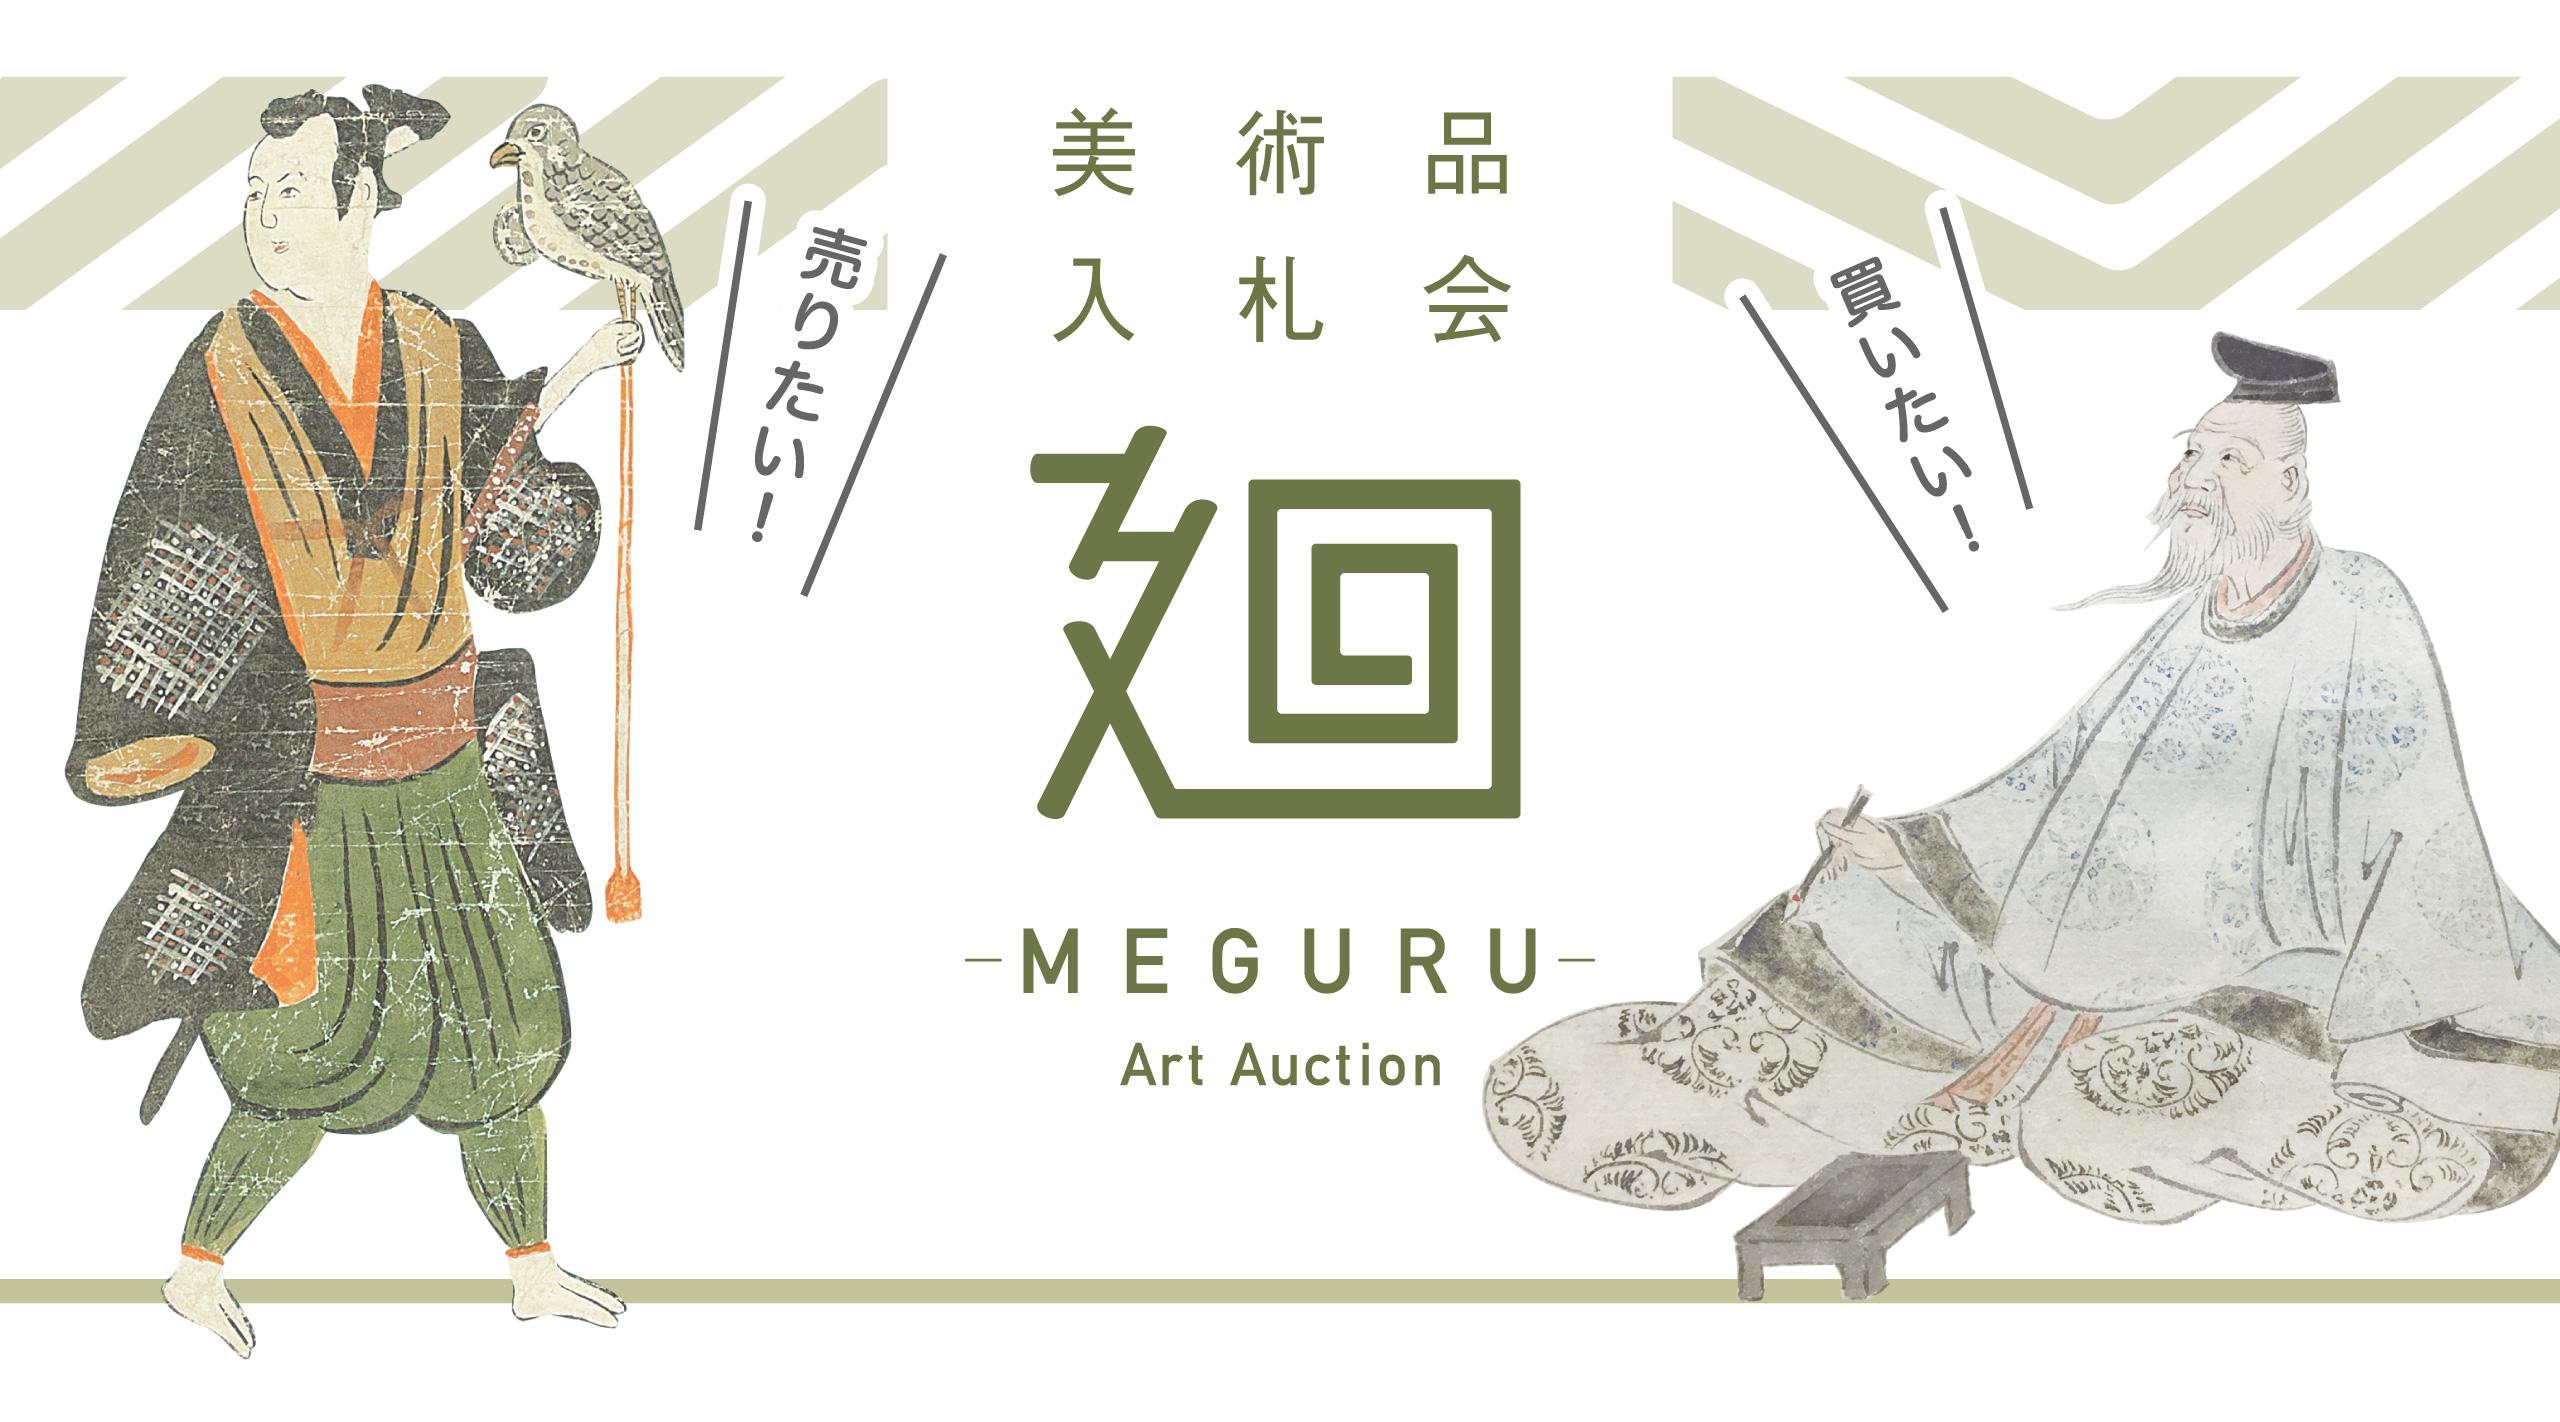 美術品入札会「廻-MEGURU-」vol.5